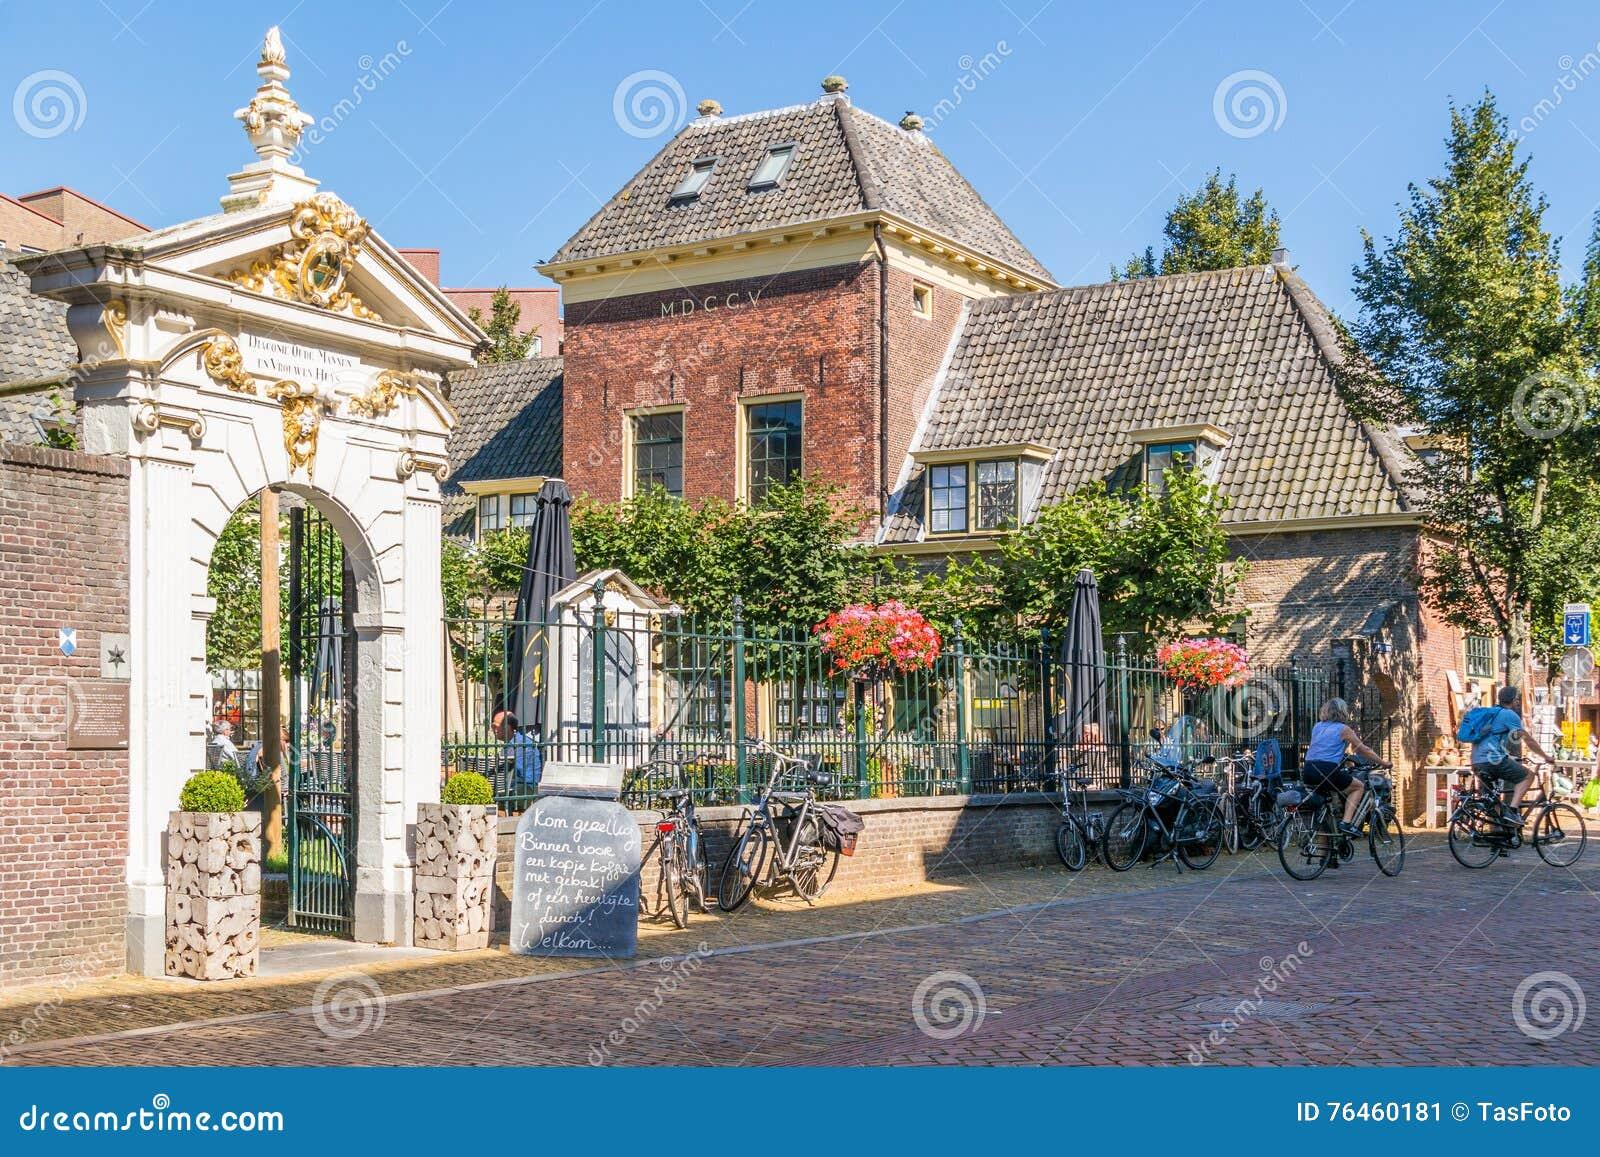 De scène van de Sonoystraat in Alkmaar, Nederland